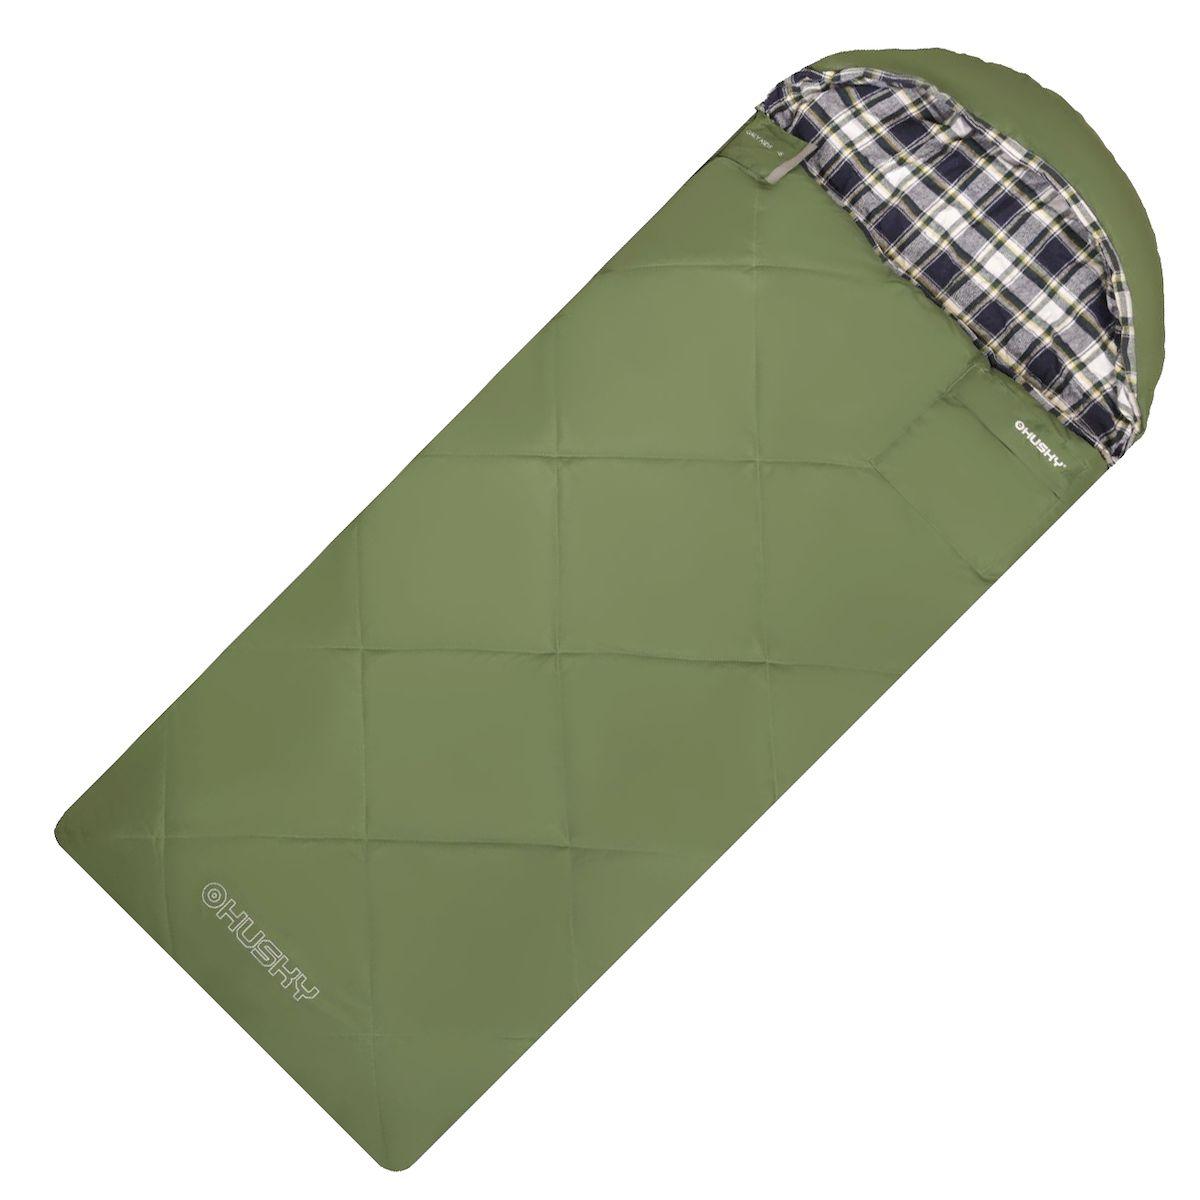 """Спальник-одеяло Husky """"GALY KIDS -5С"""", правая молния, цвет: зеленый"""